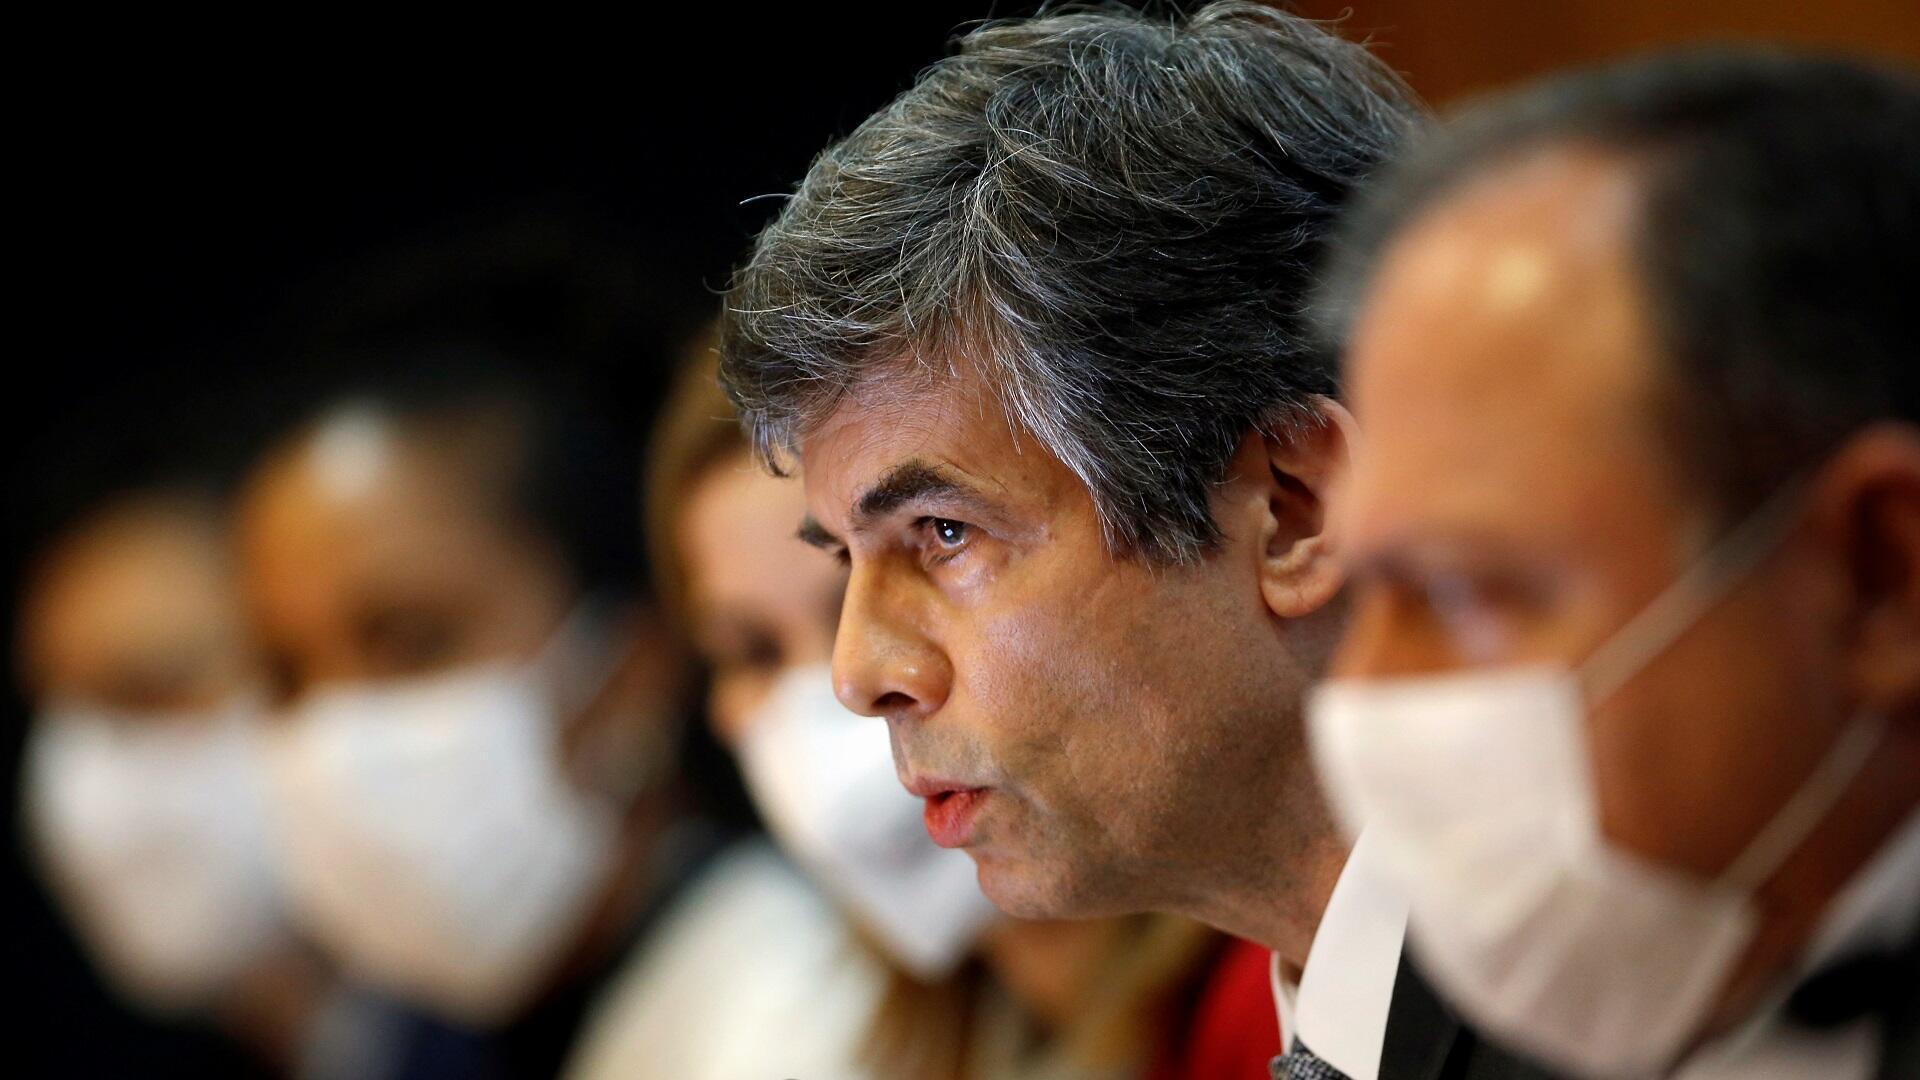 وزير الصحة البرازيلي المستقيل نلسون تيش يتحدث خلال مؤتمر صحفي بالعاصمة برازيليا وسط أزمة تفشي فيروس كورونا، 15 مايو/أيار 2020.